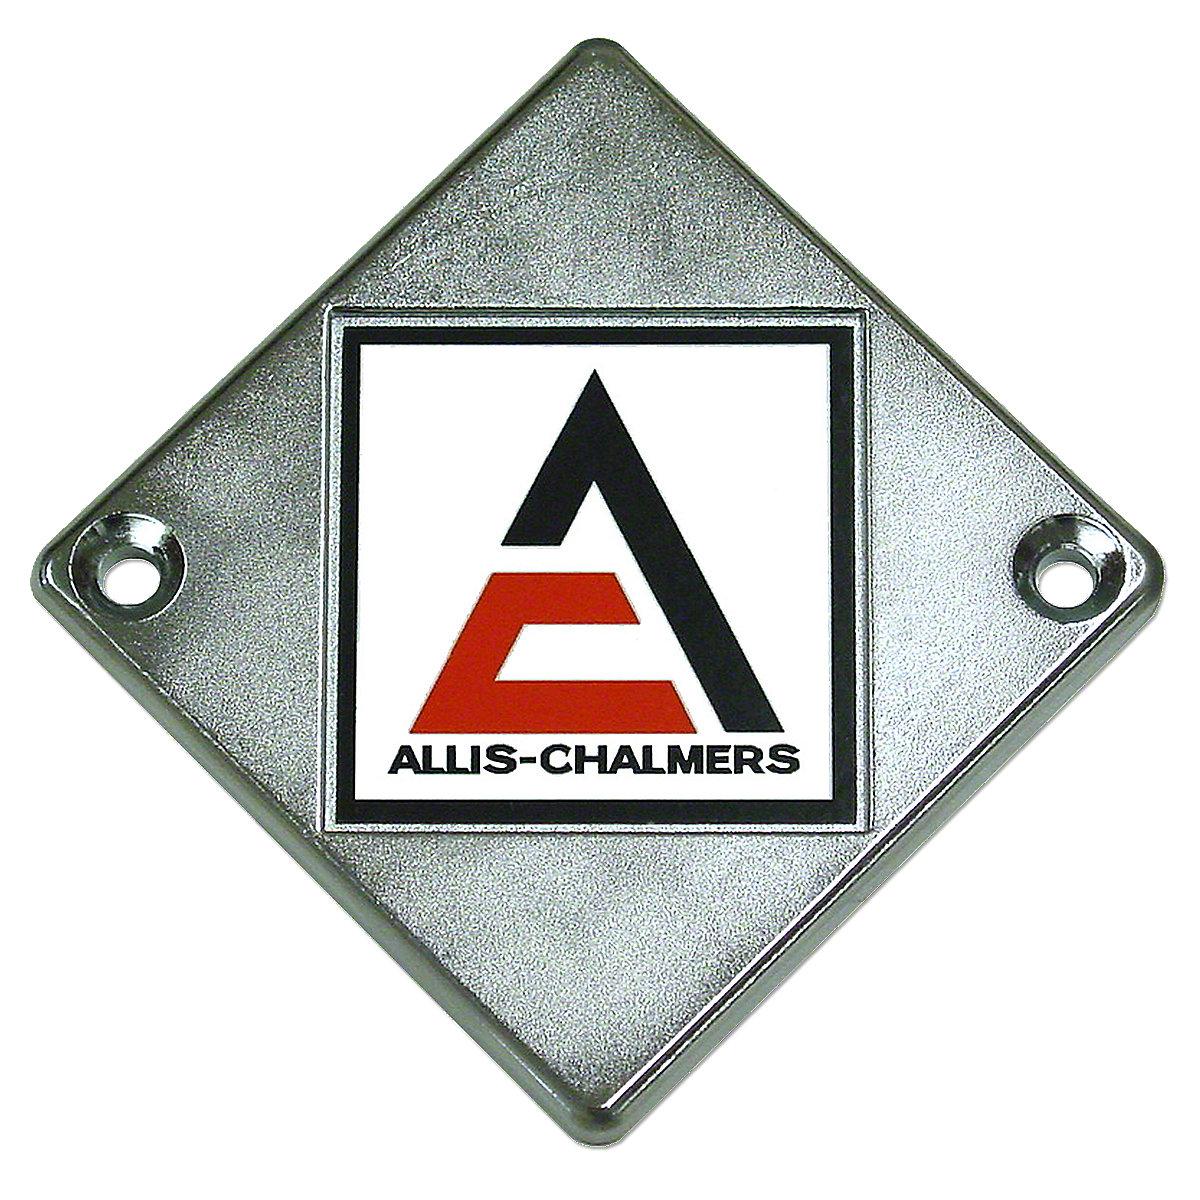 Steering Wheel Emblem For Allis Chalmers: D10, D12, D15, D17, D21.